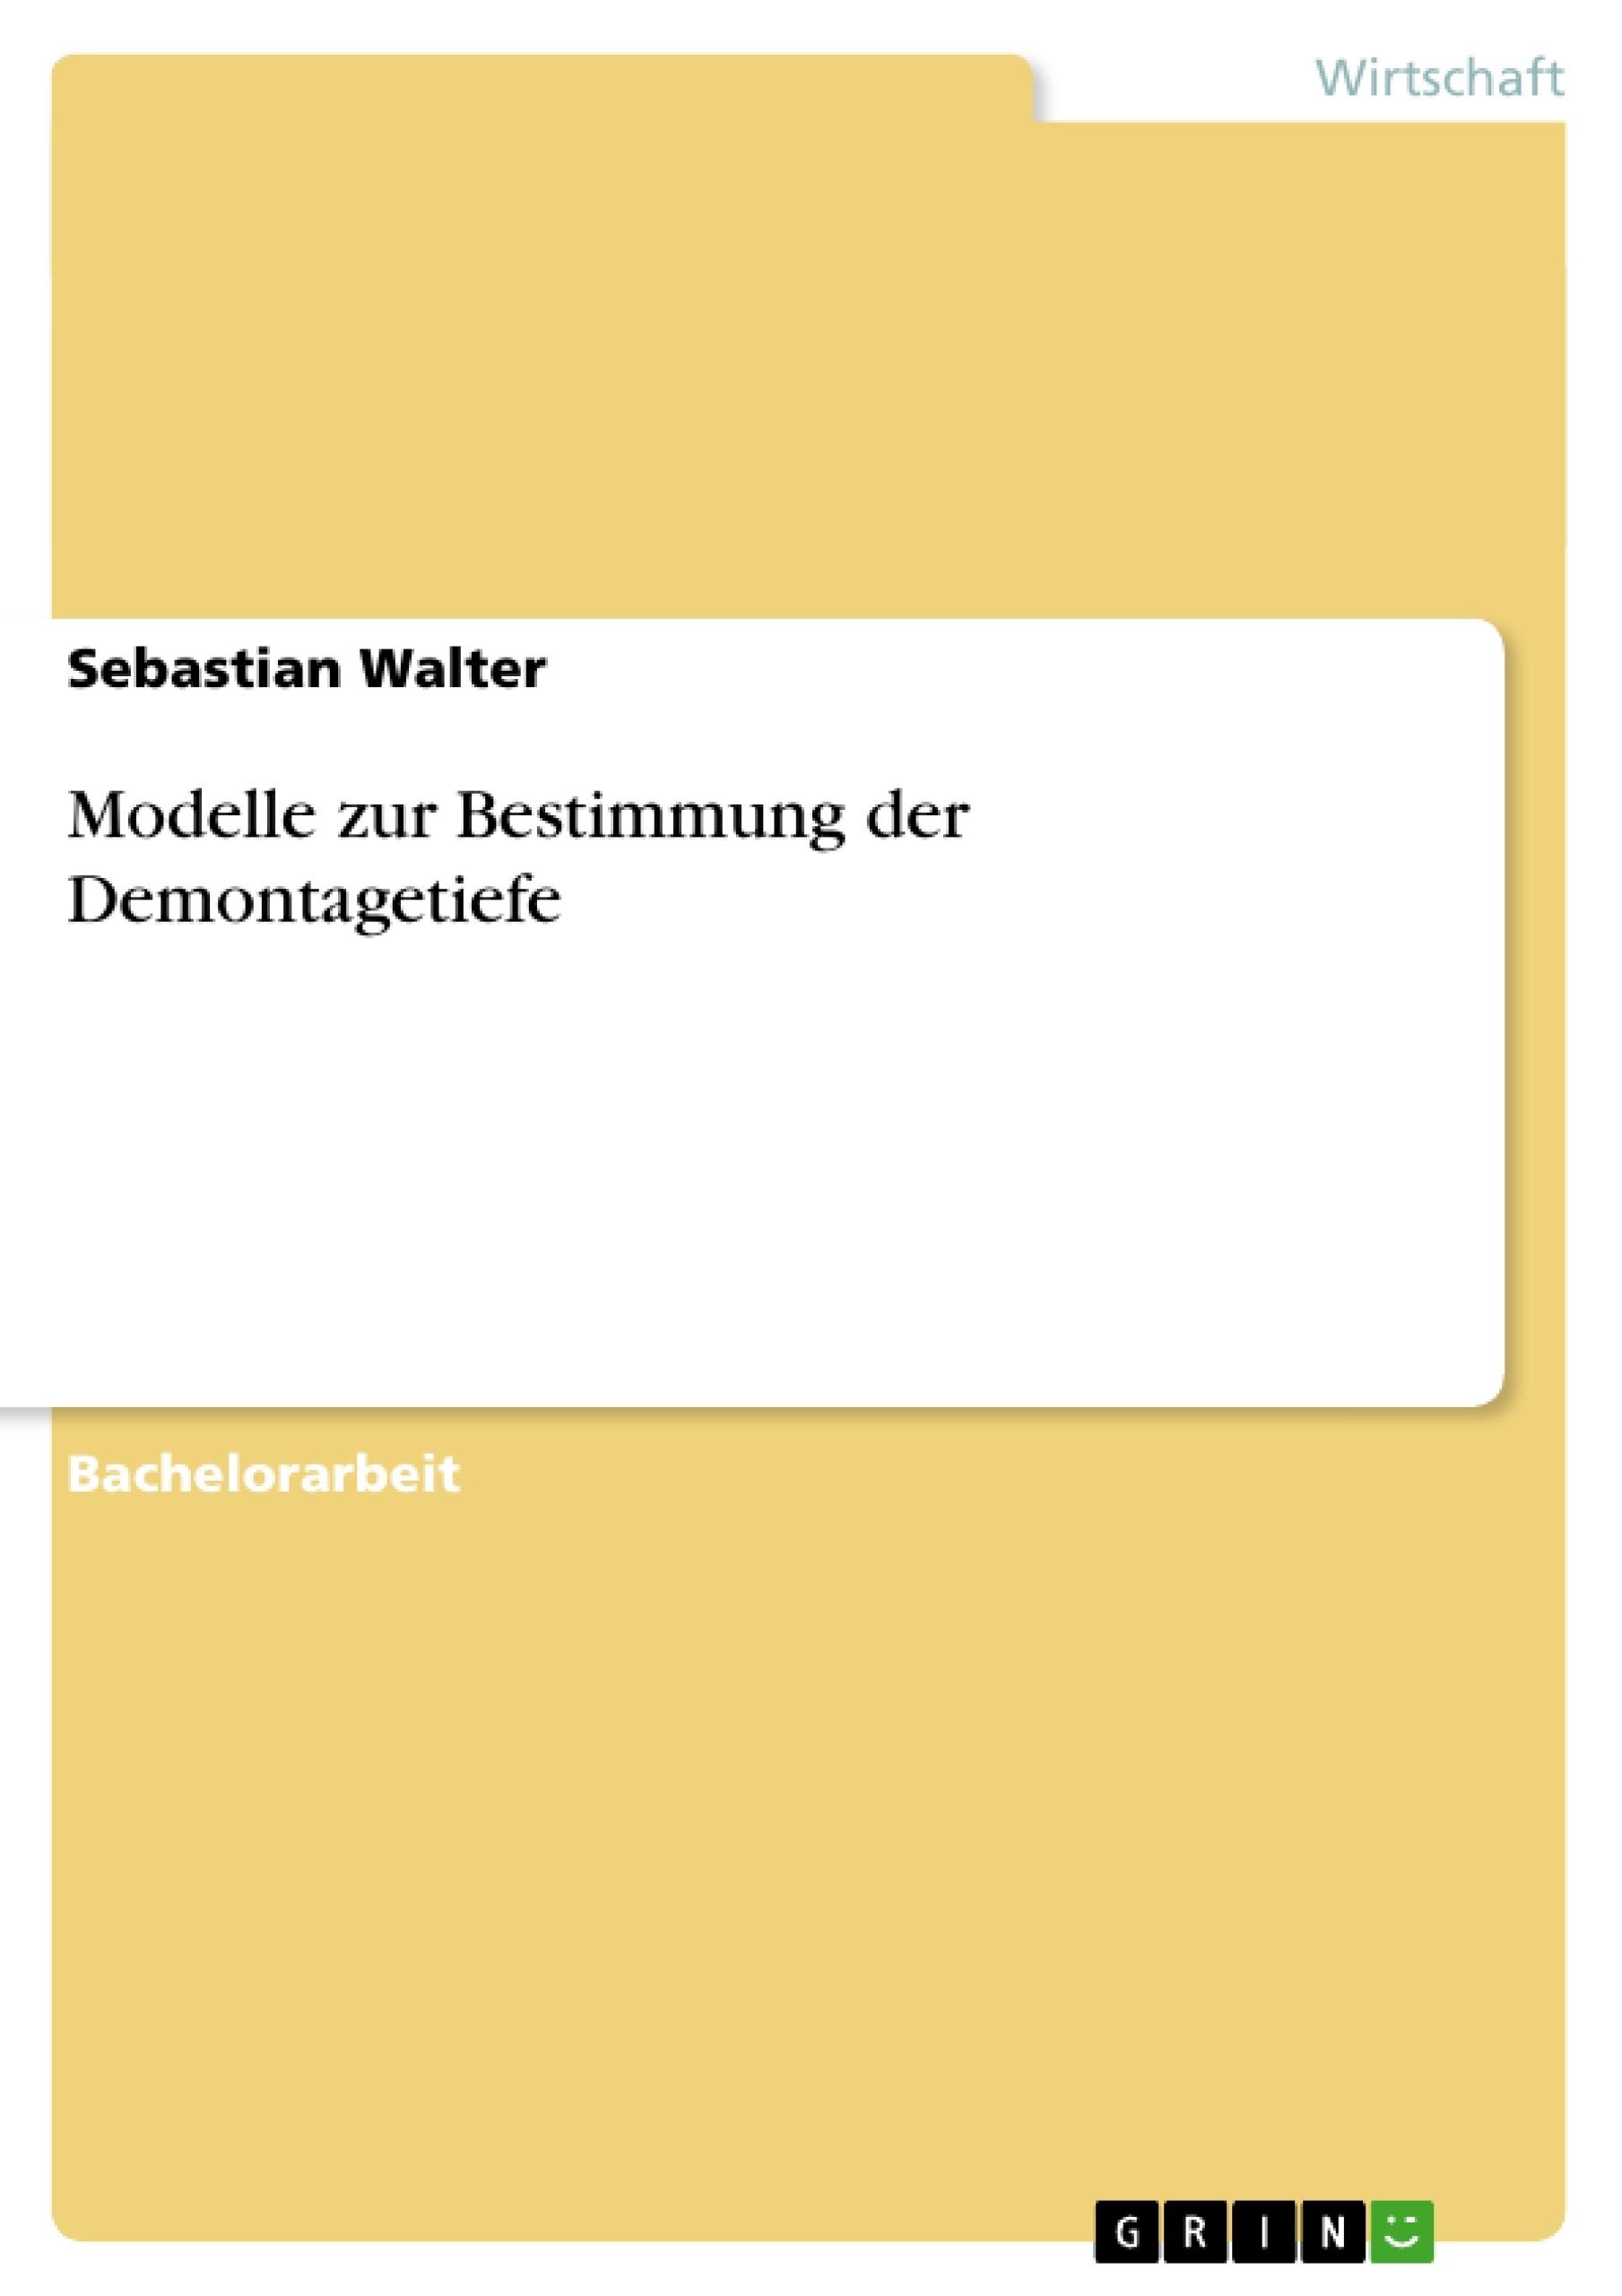 Titel: Modelle zur Bestimmung der Demontagetiefe